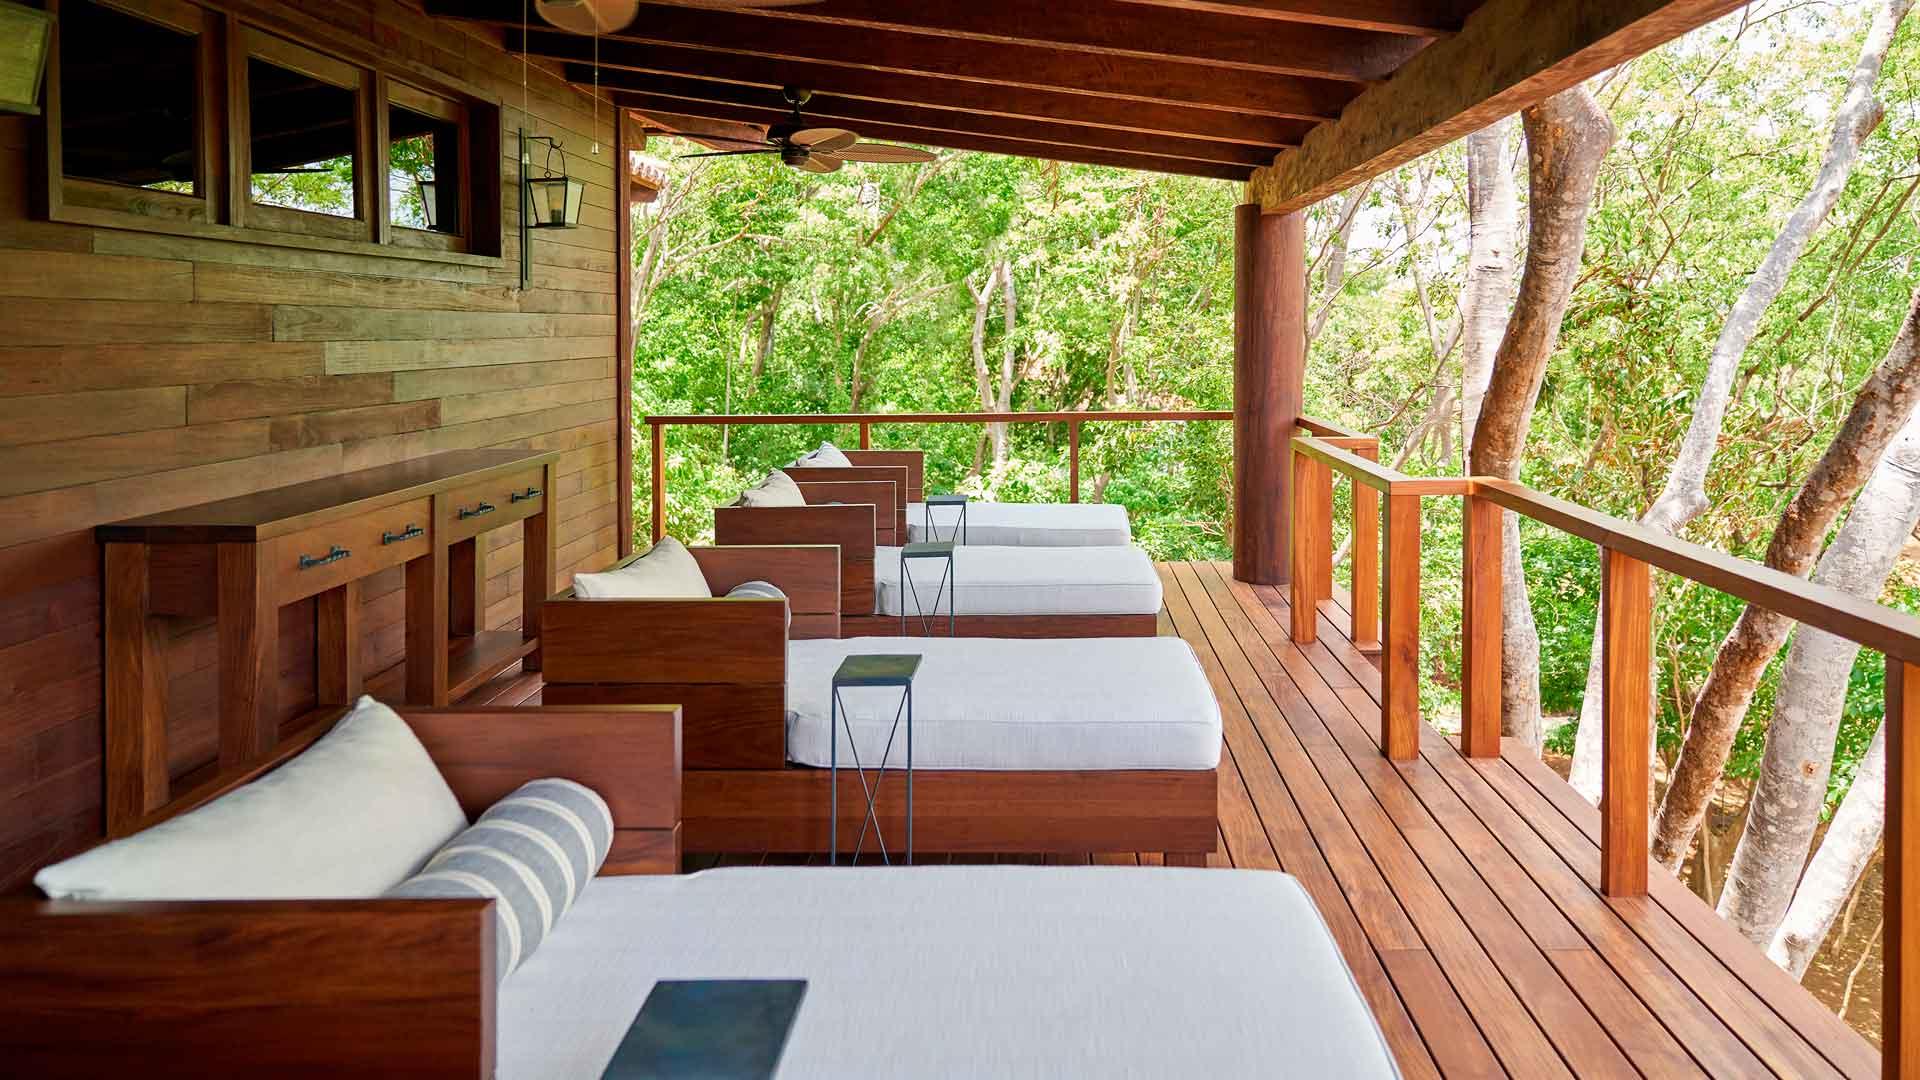 Spa en El Bosque: relajación en las copas de los árboles